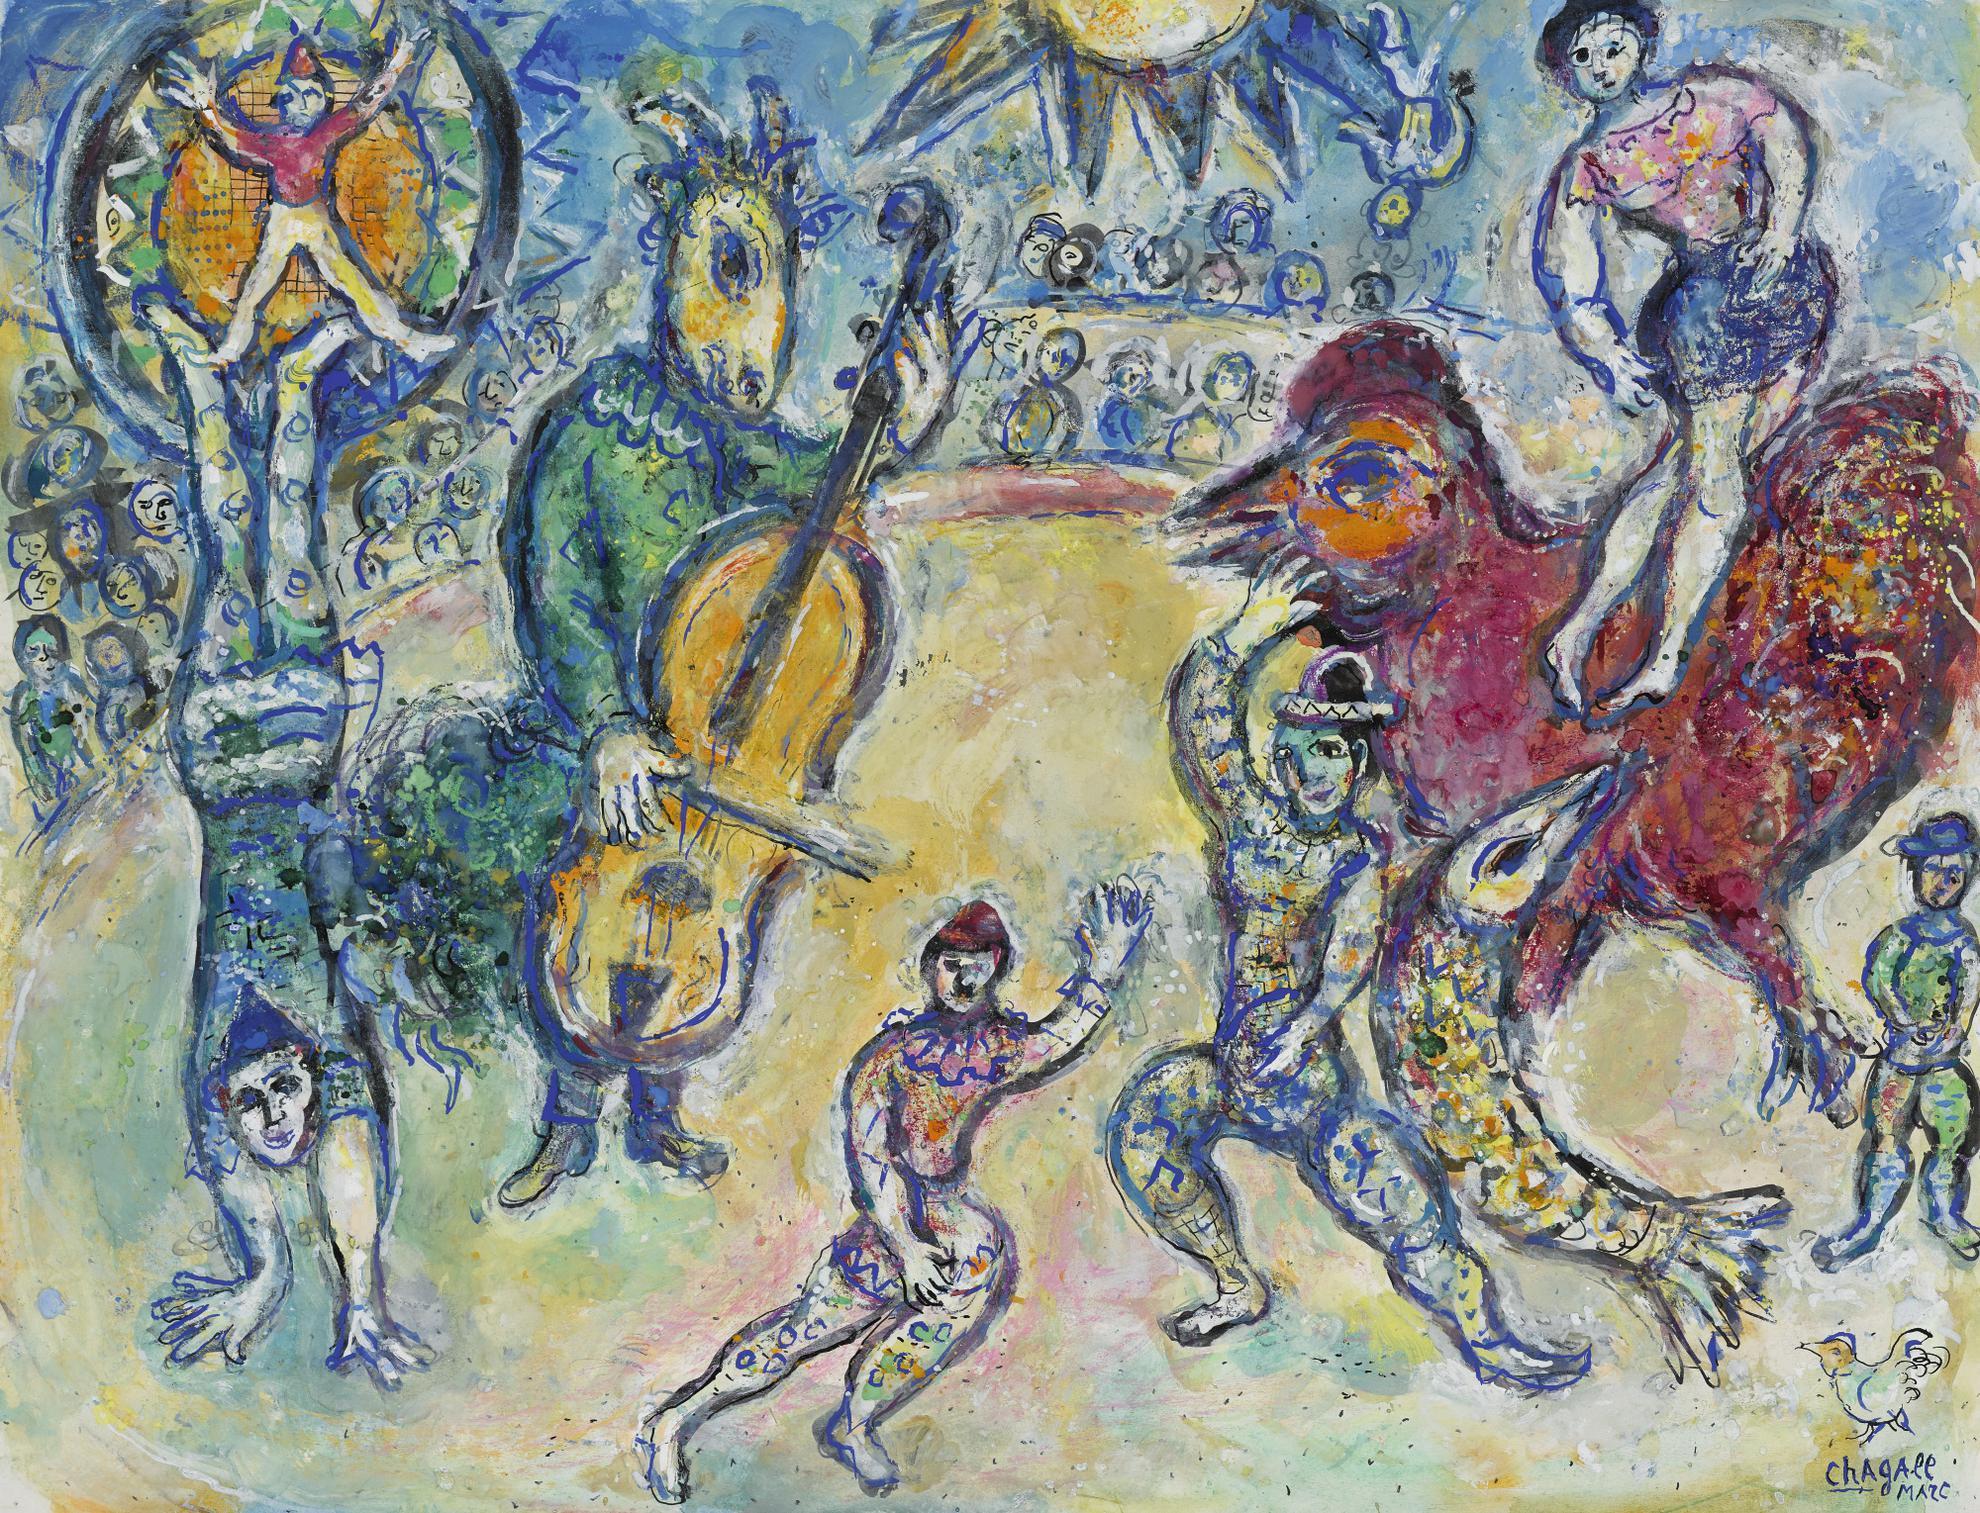 Marc Chagall-Lane Au Violoncelle Ou Cirque Au Soleil Ou Variante Du Cirque Sur Fond Noir-1969